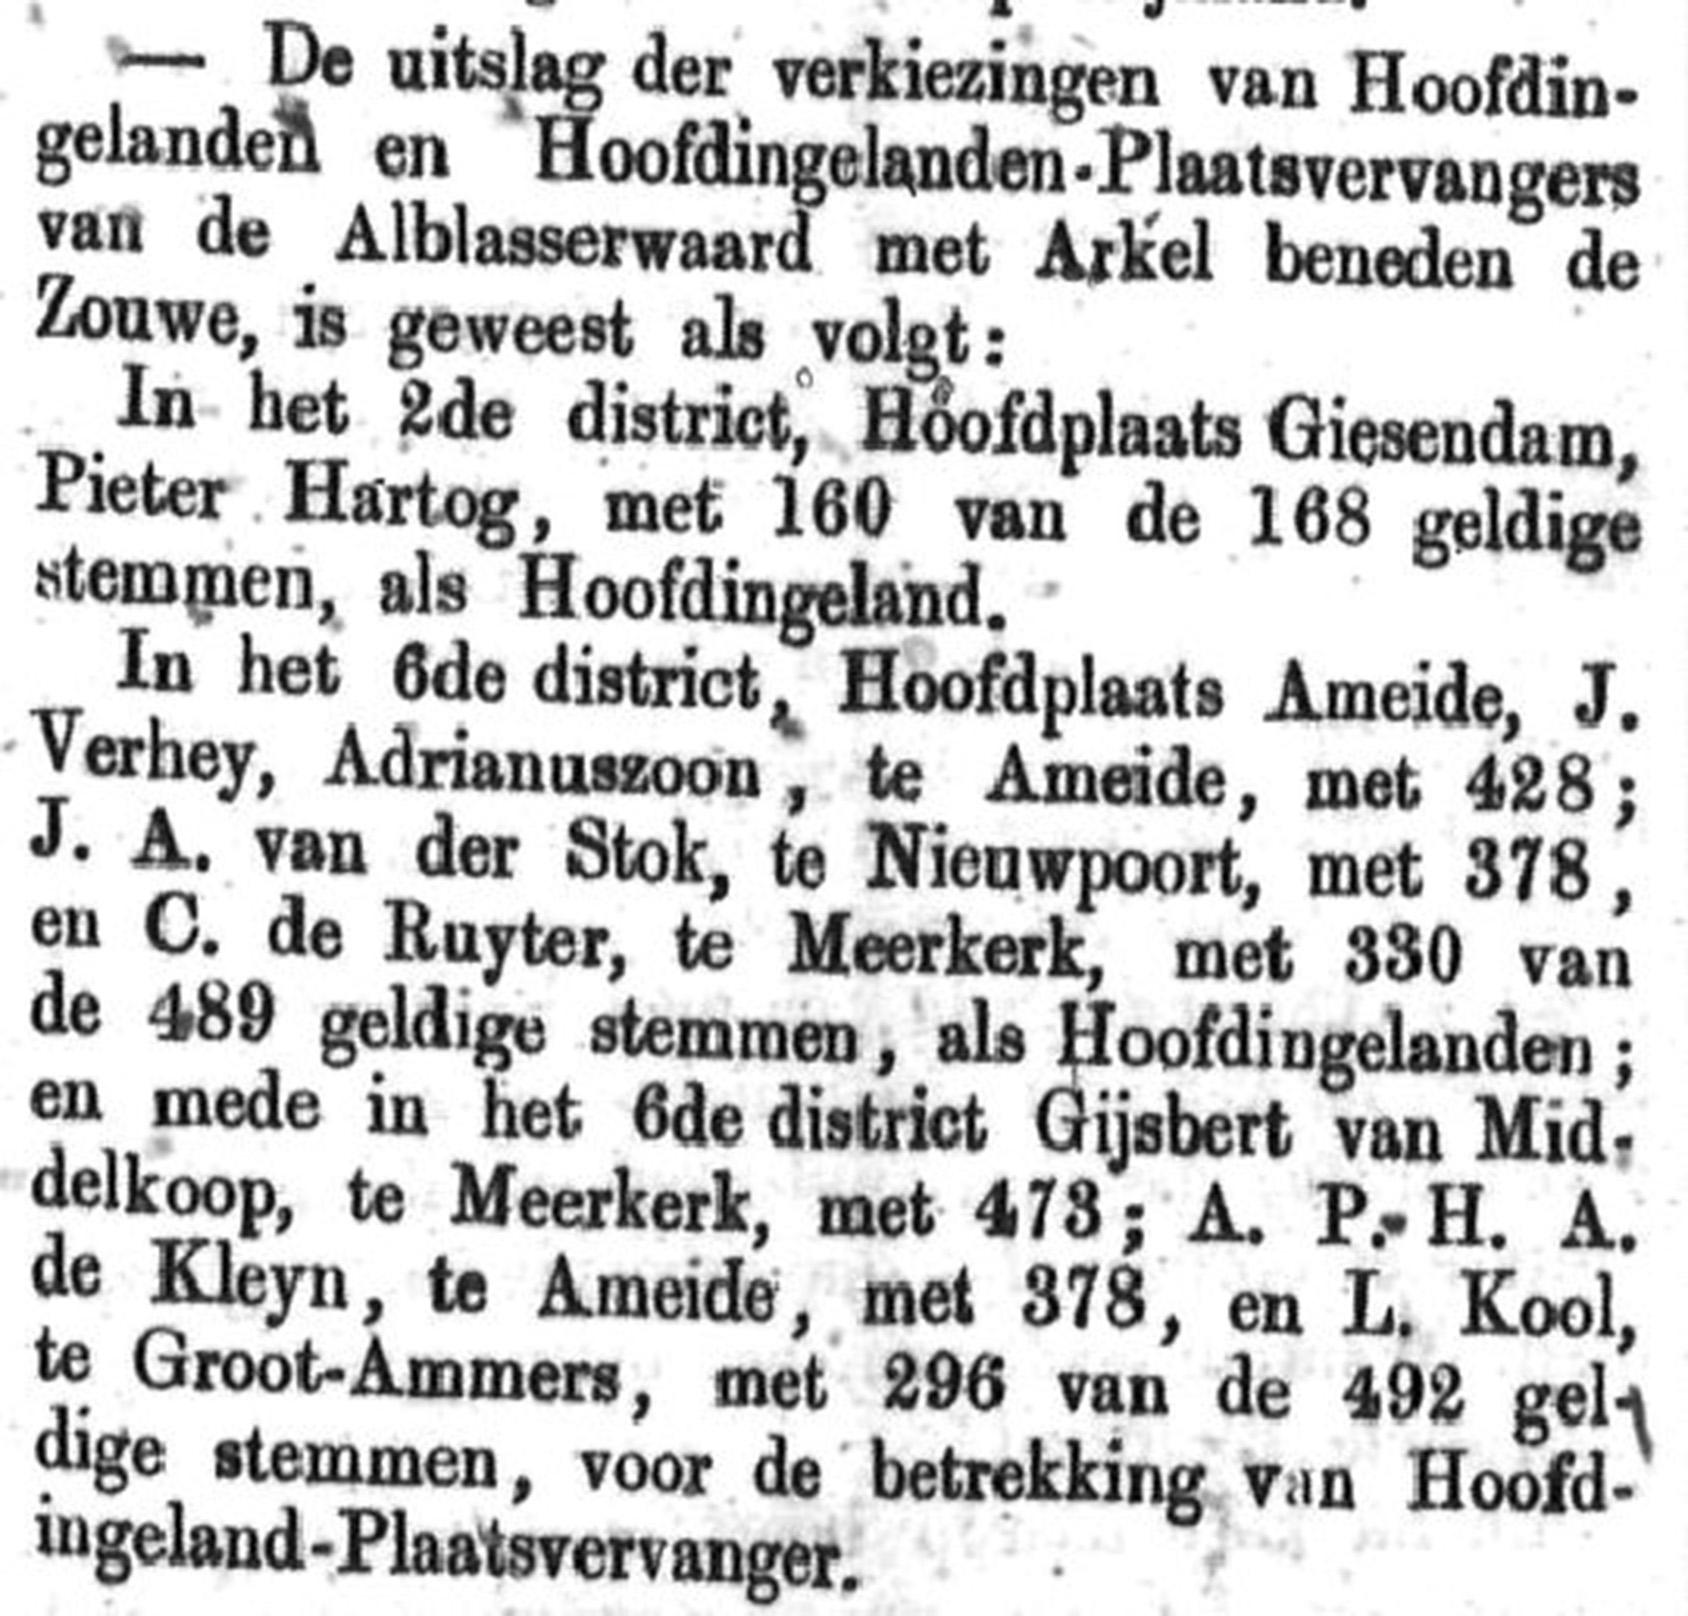 Schoonhovensche Courant 00042 1870-04-17 artikel 1